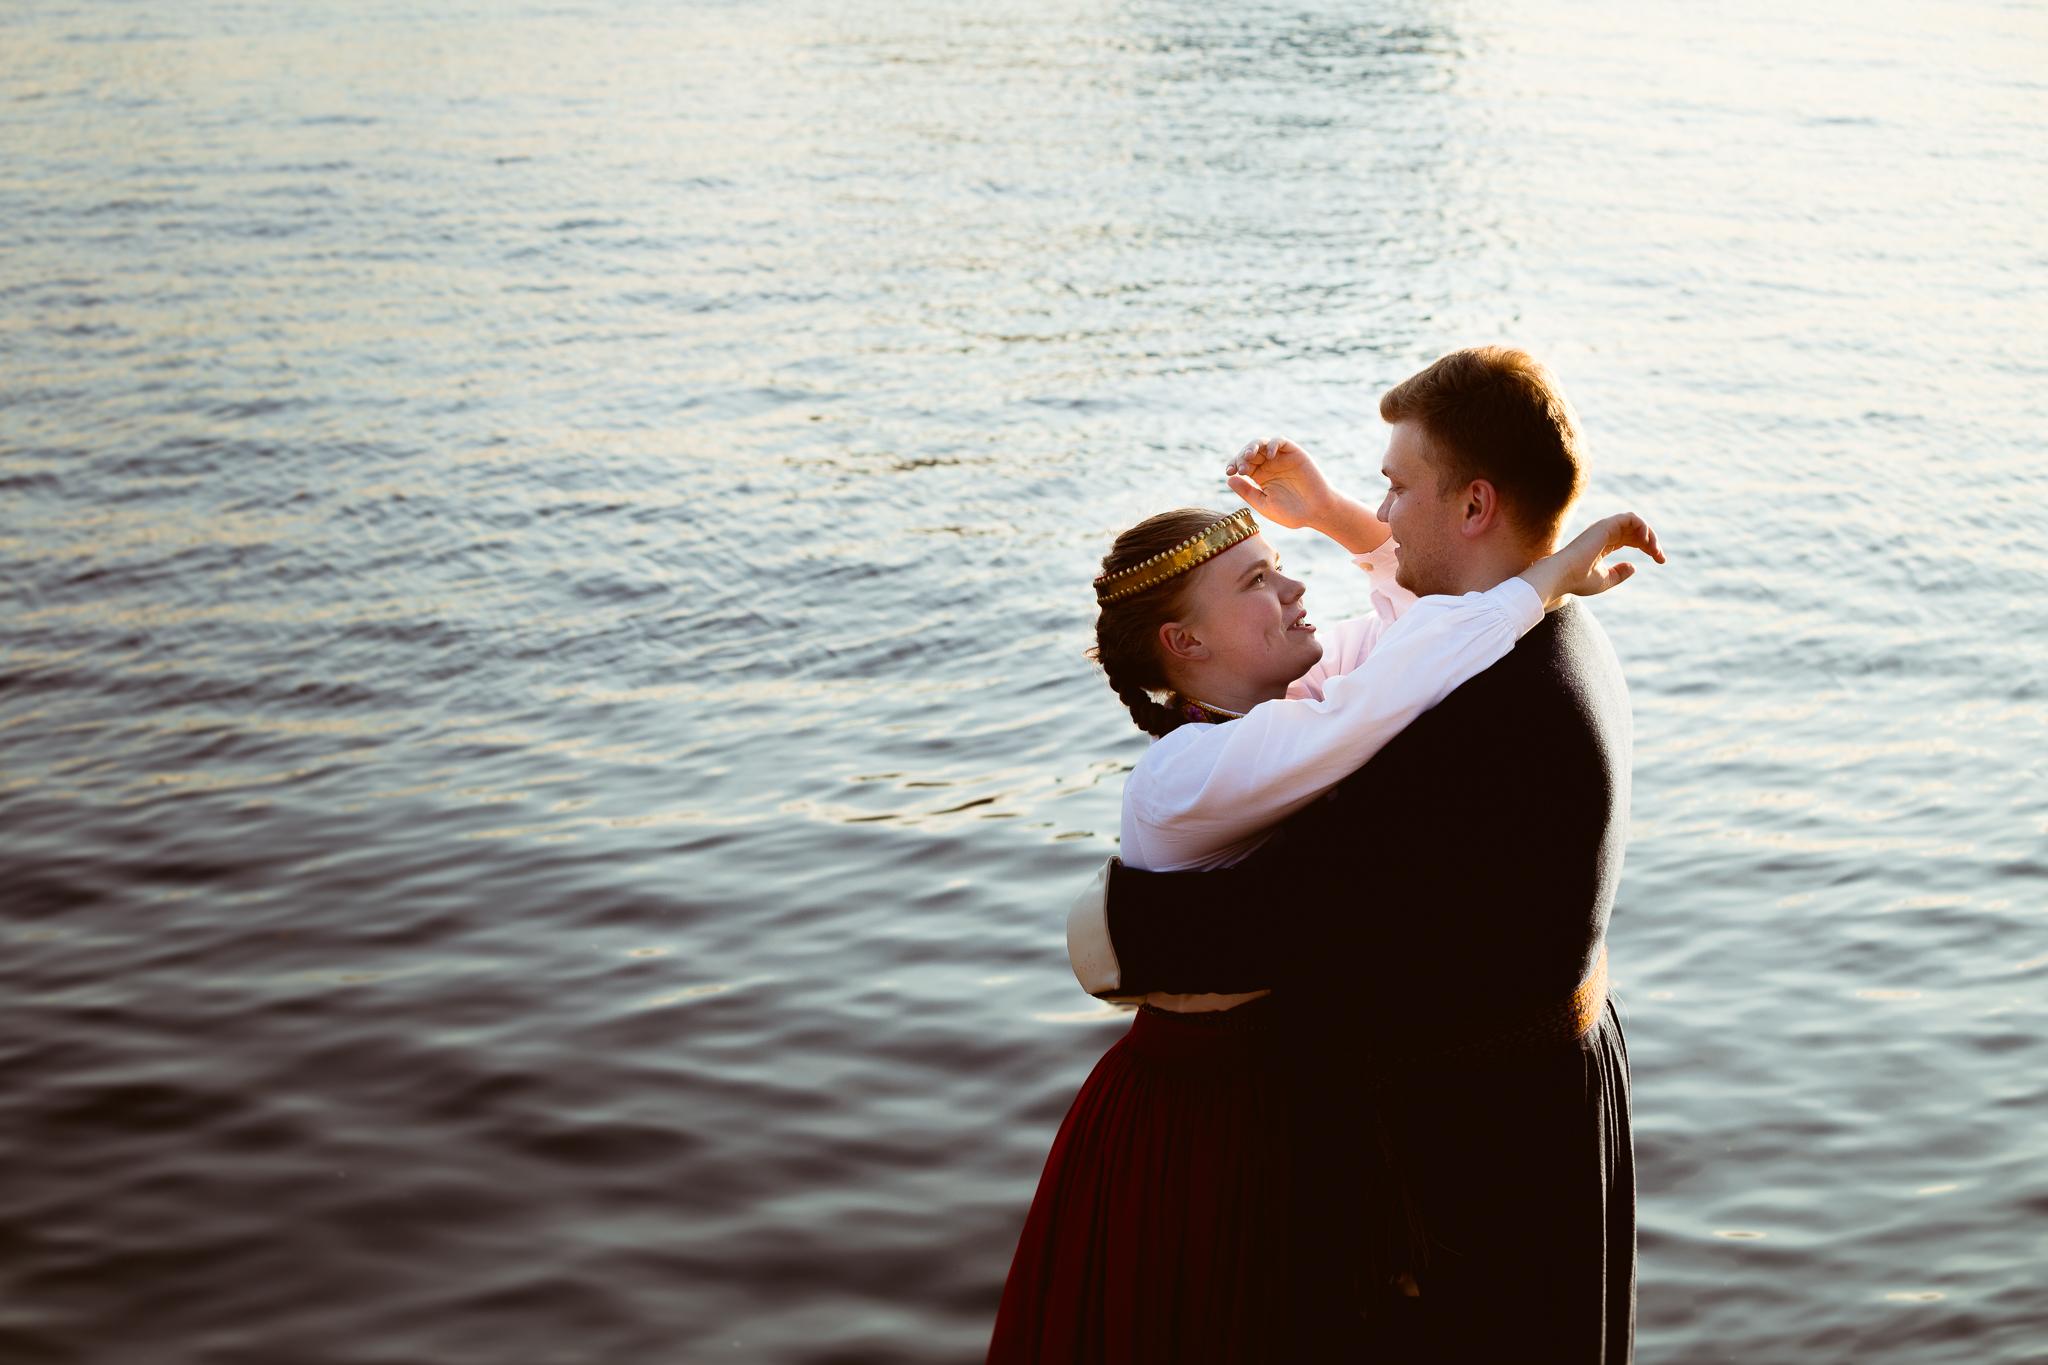 TDA dejotāji Kristaps un Daiga | photographer: lindamigla.lv